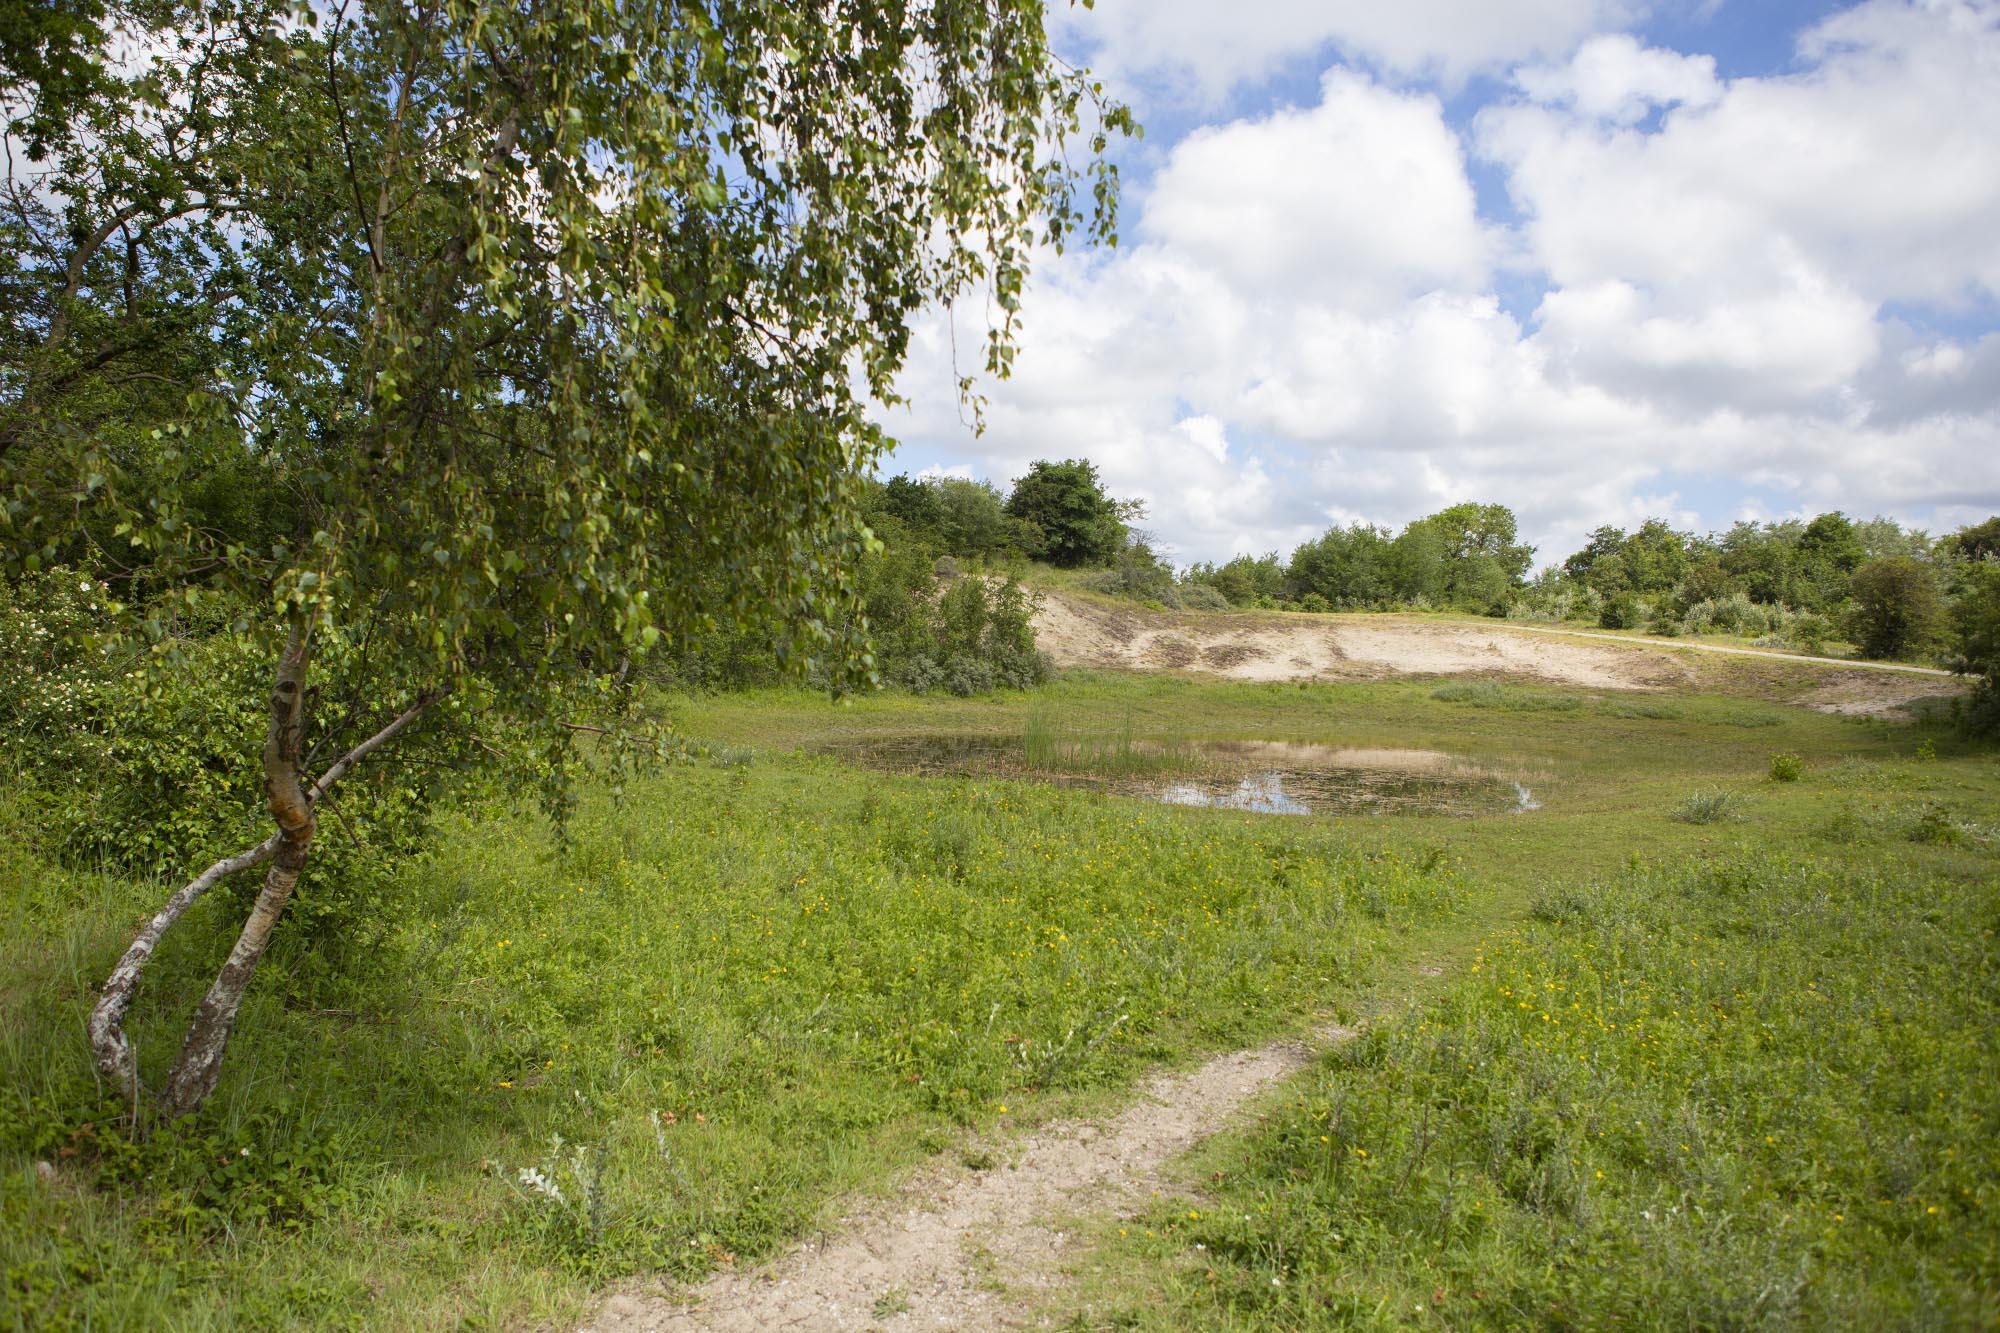 Wandelen in de Duinen van Oostvoorne: De Meidoornroute